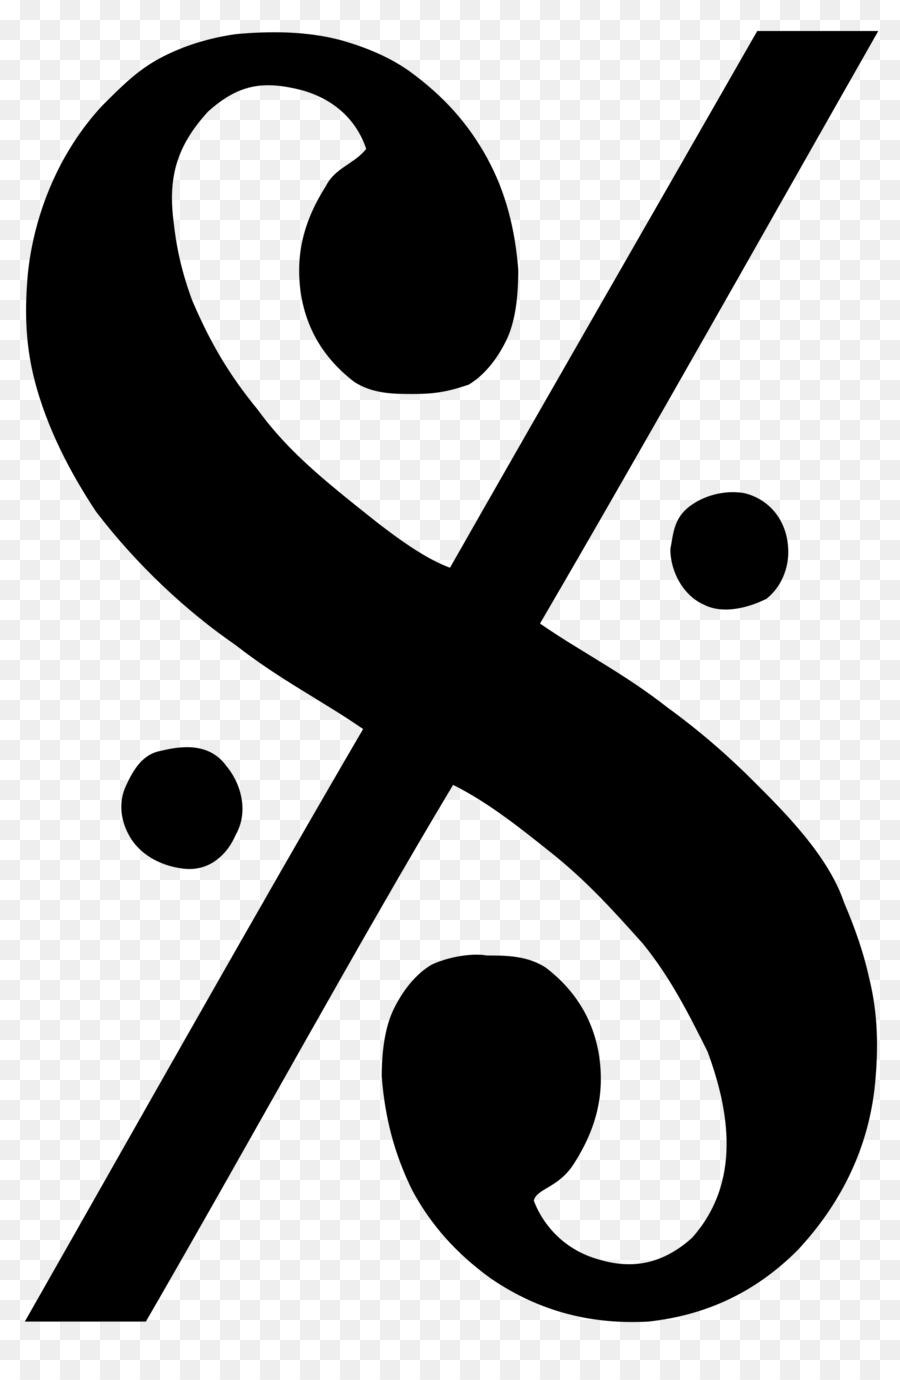 medium resolution of segno musical clipart dal segno coda repeat sign